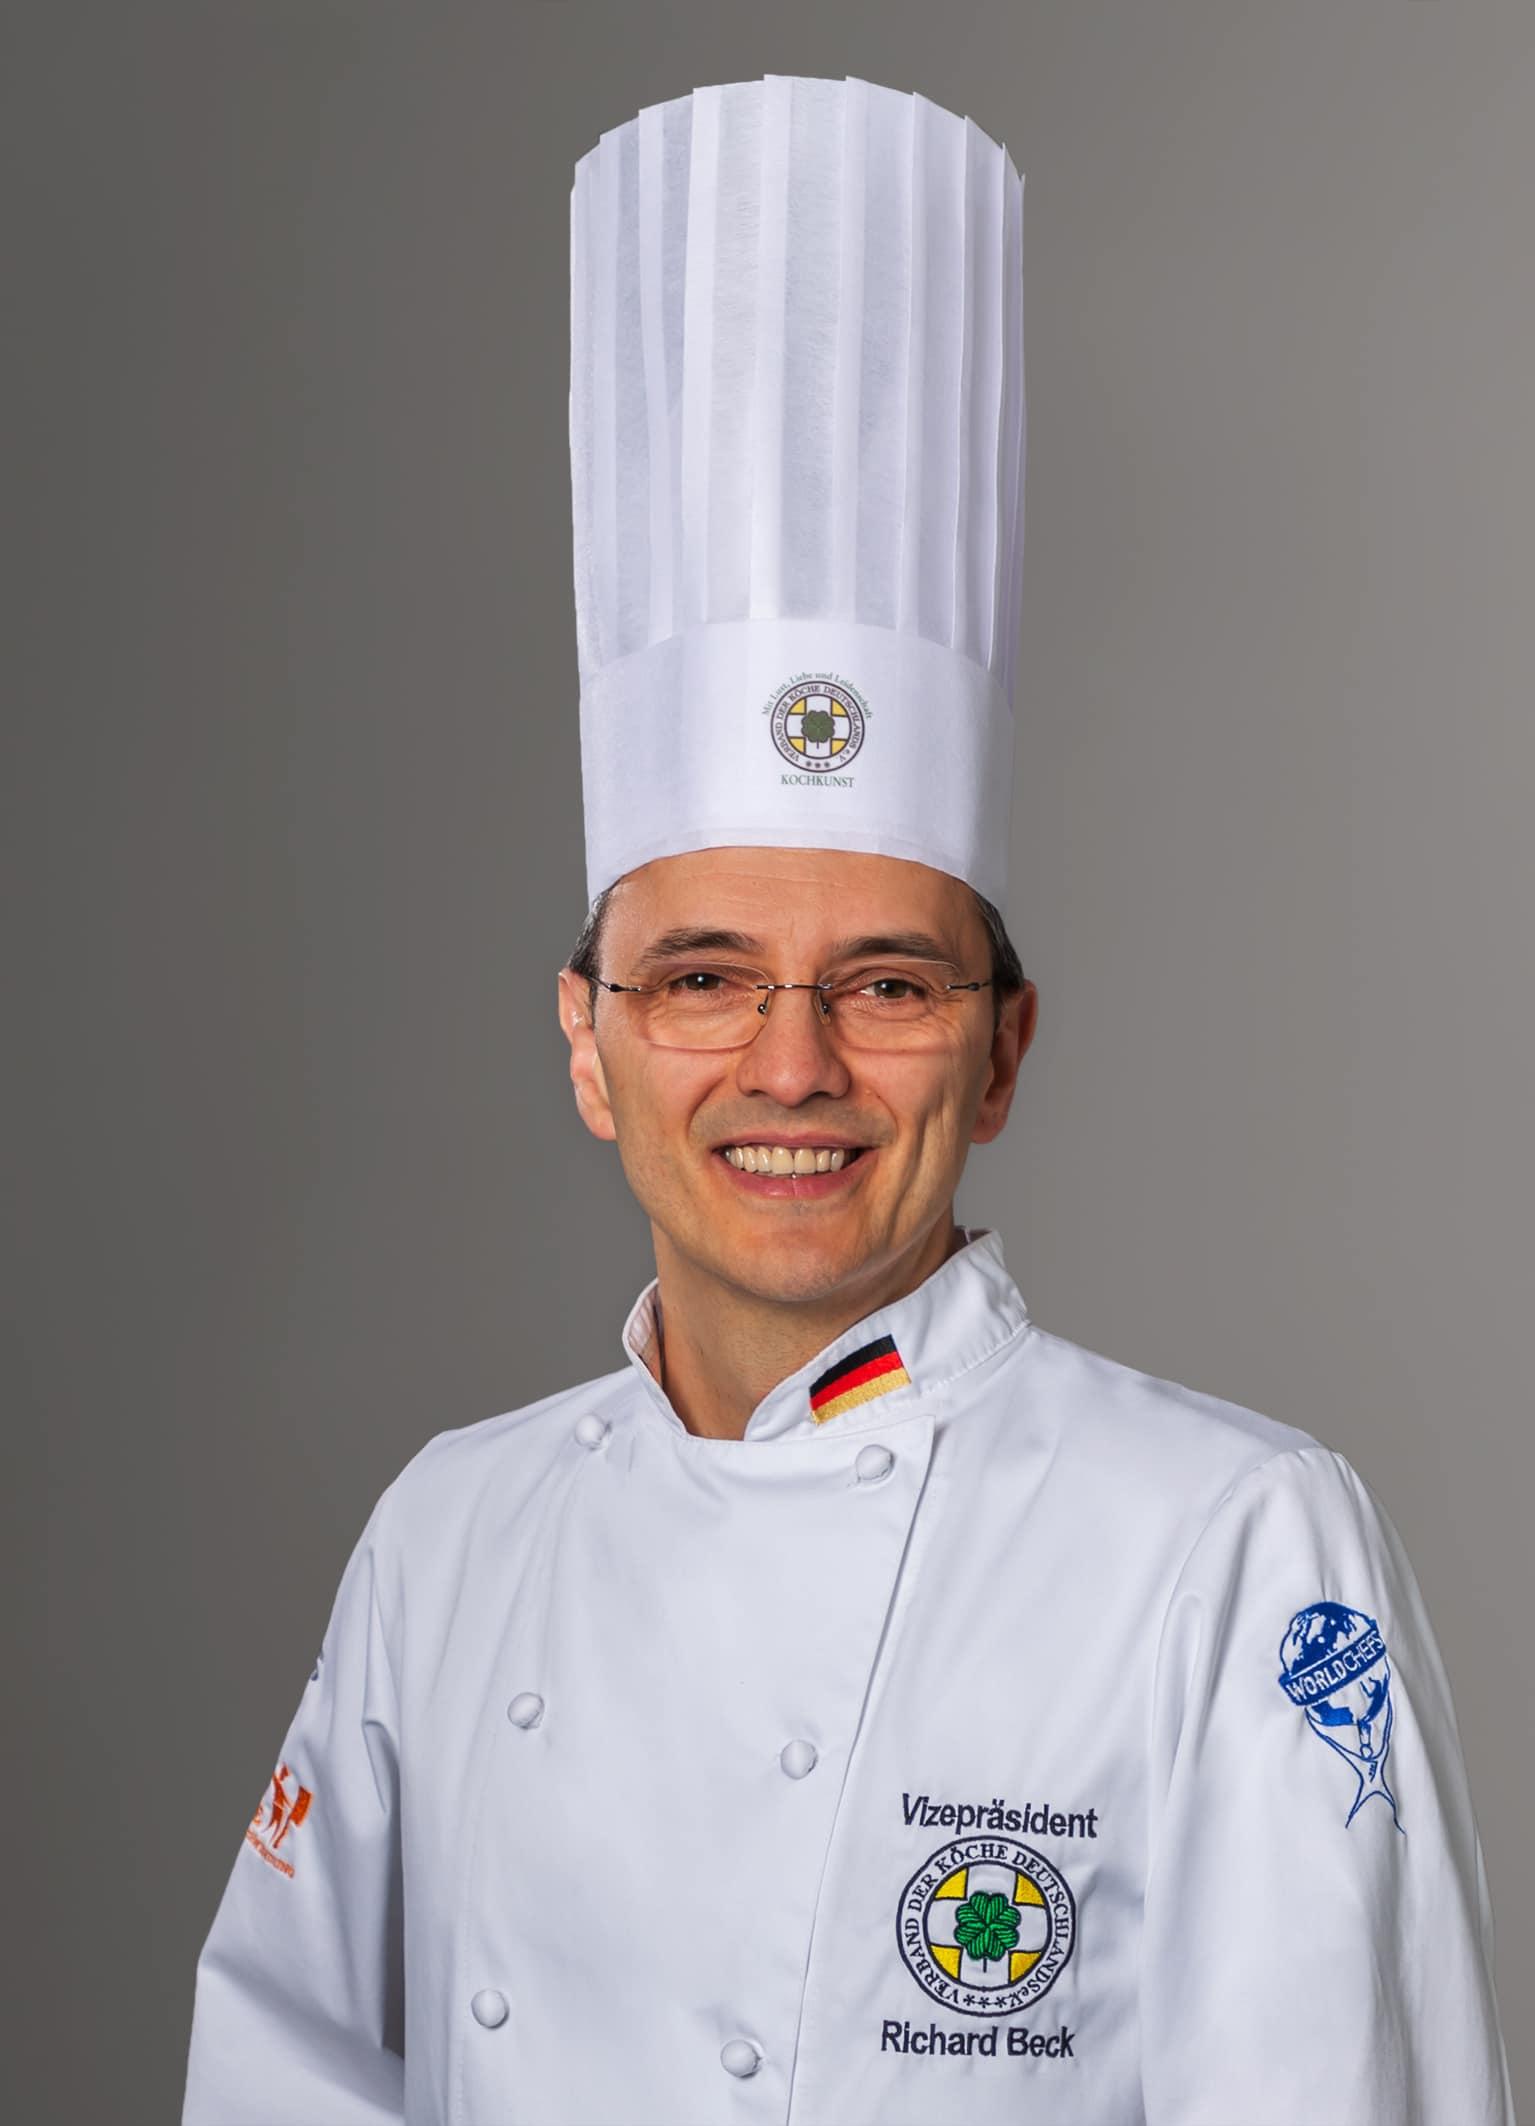 IKA/Olympiade der Köche – Da steckt Leidenschaft drin